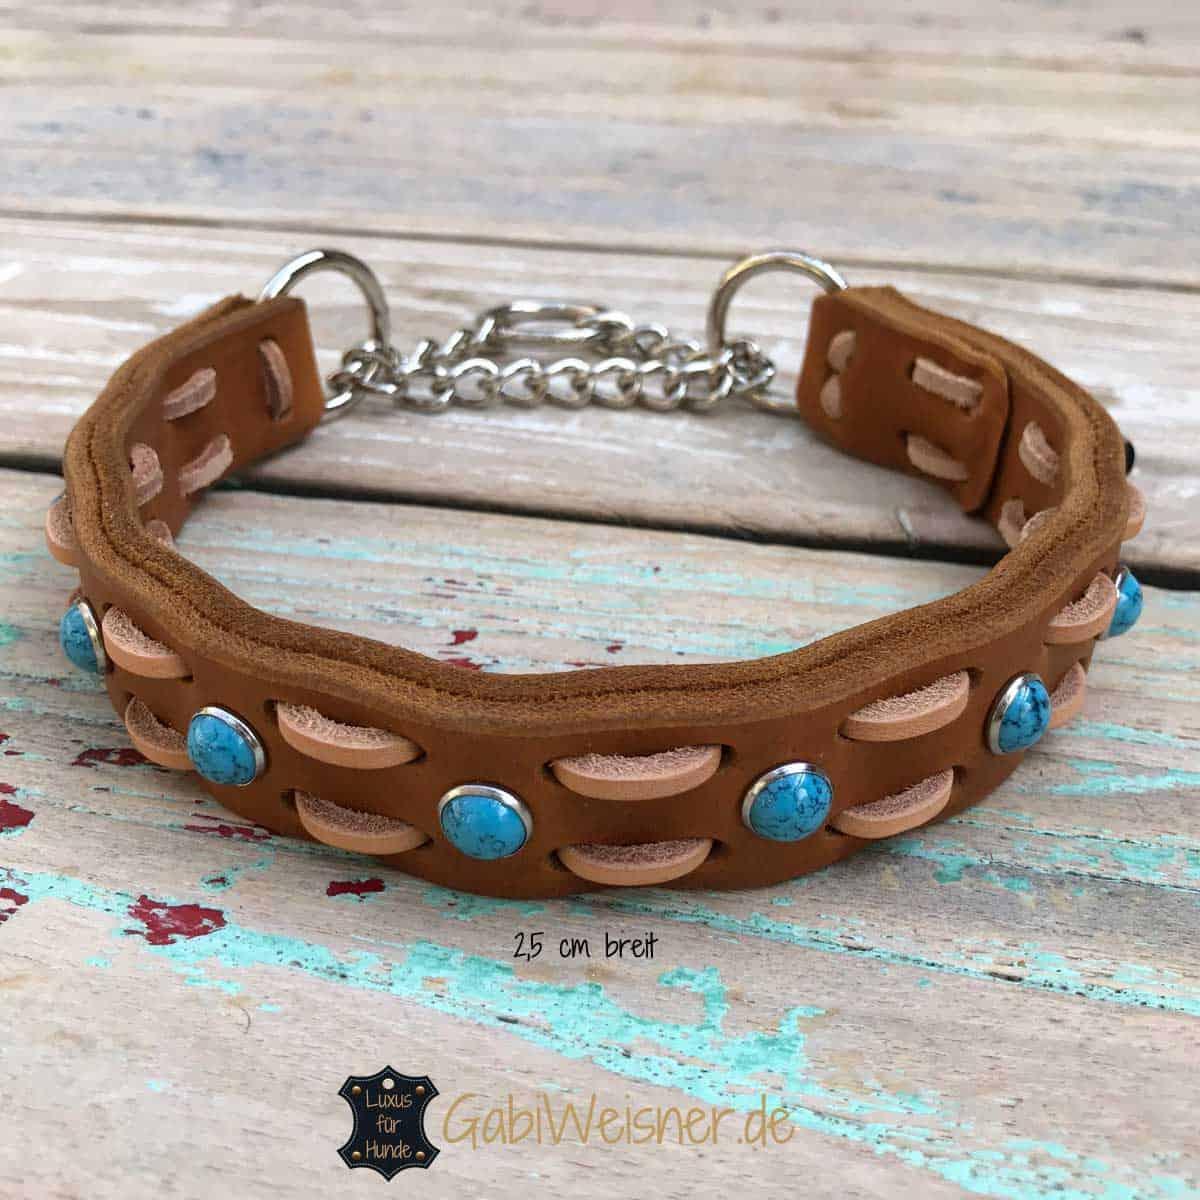 Hundehalsband Zugstopp Fettleder in 3 Farben,hierin Braun, Cognac oder Schwarz.